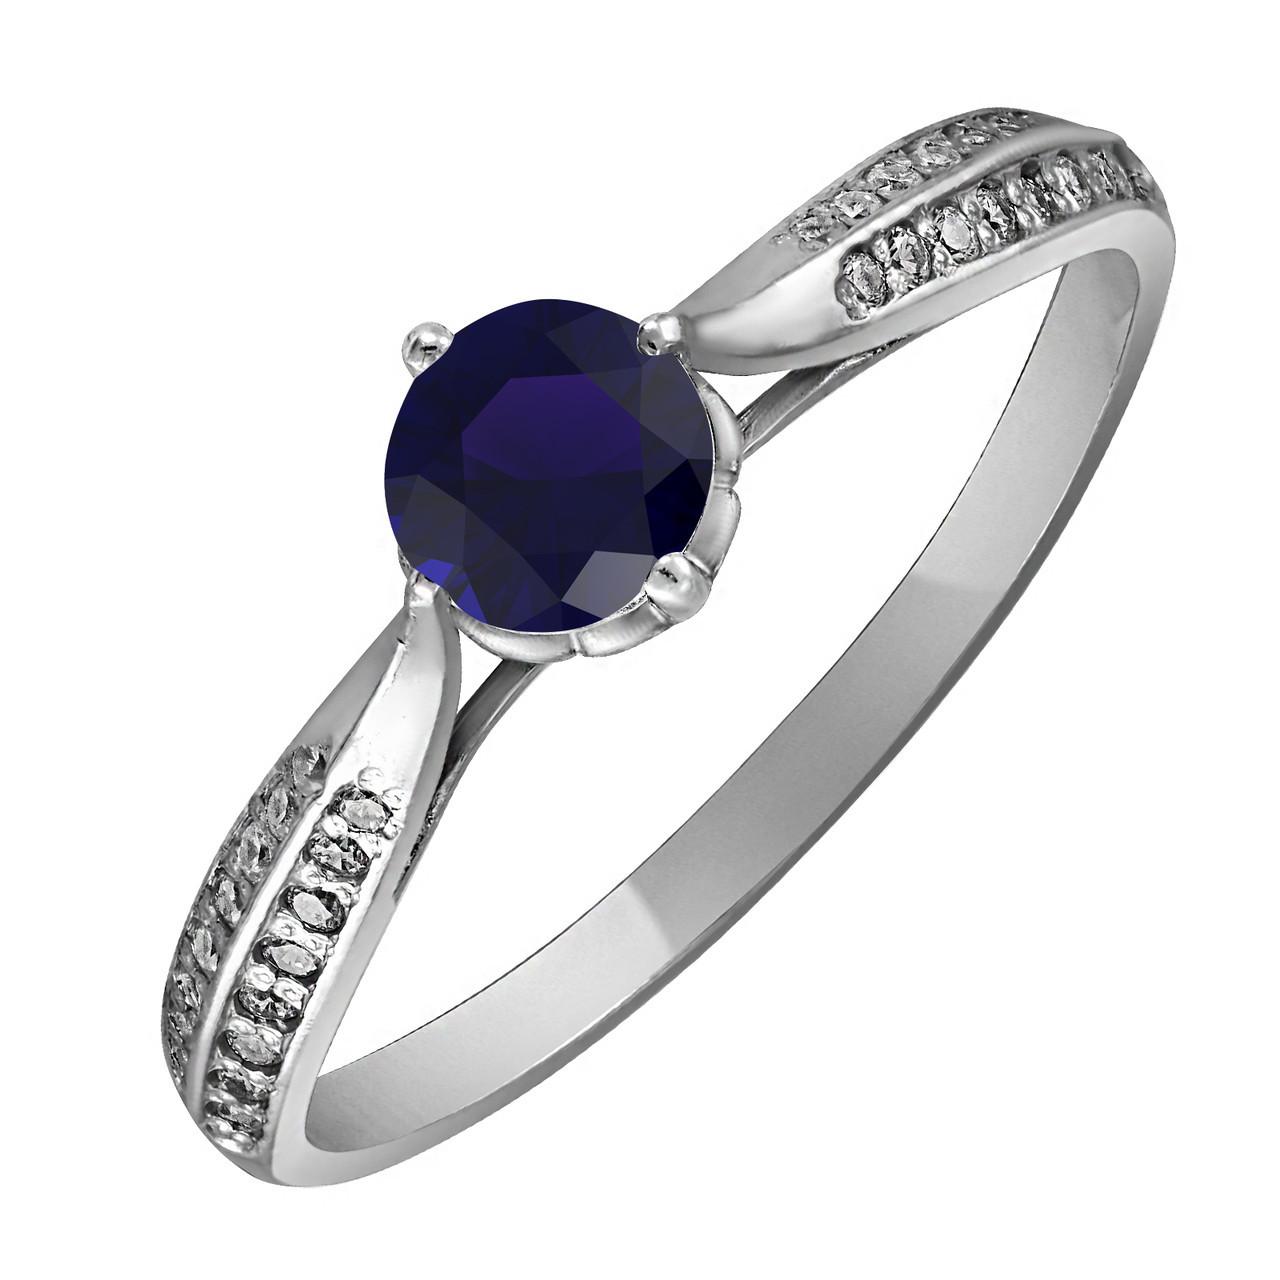 Кольцо из серебра с синим цирконием Twiddle Jewelry 17.5 (К007с-17.5)